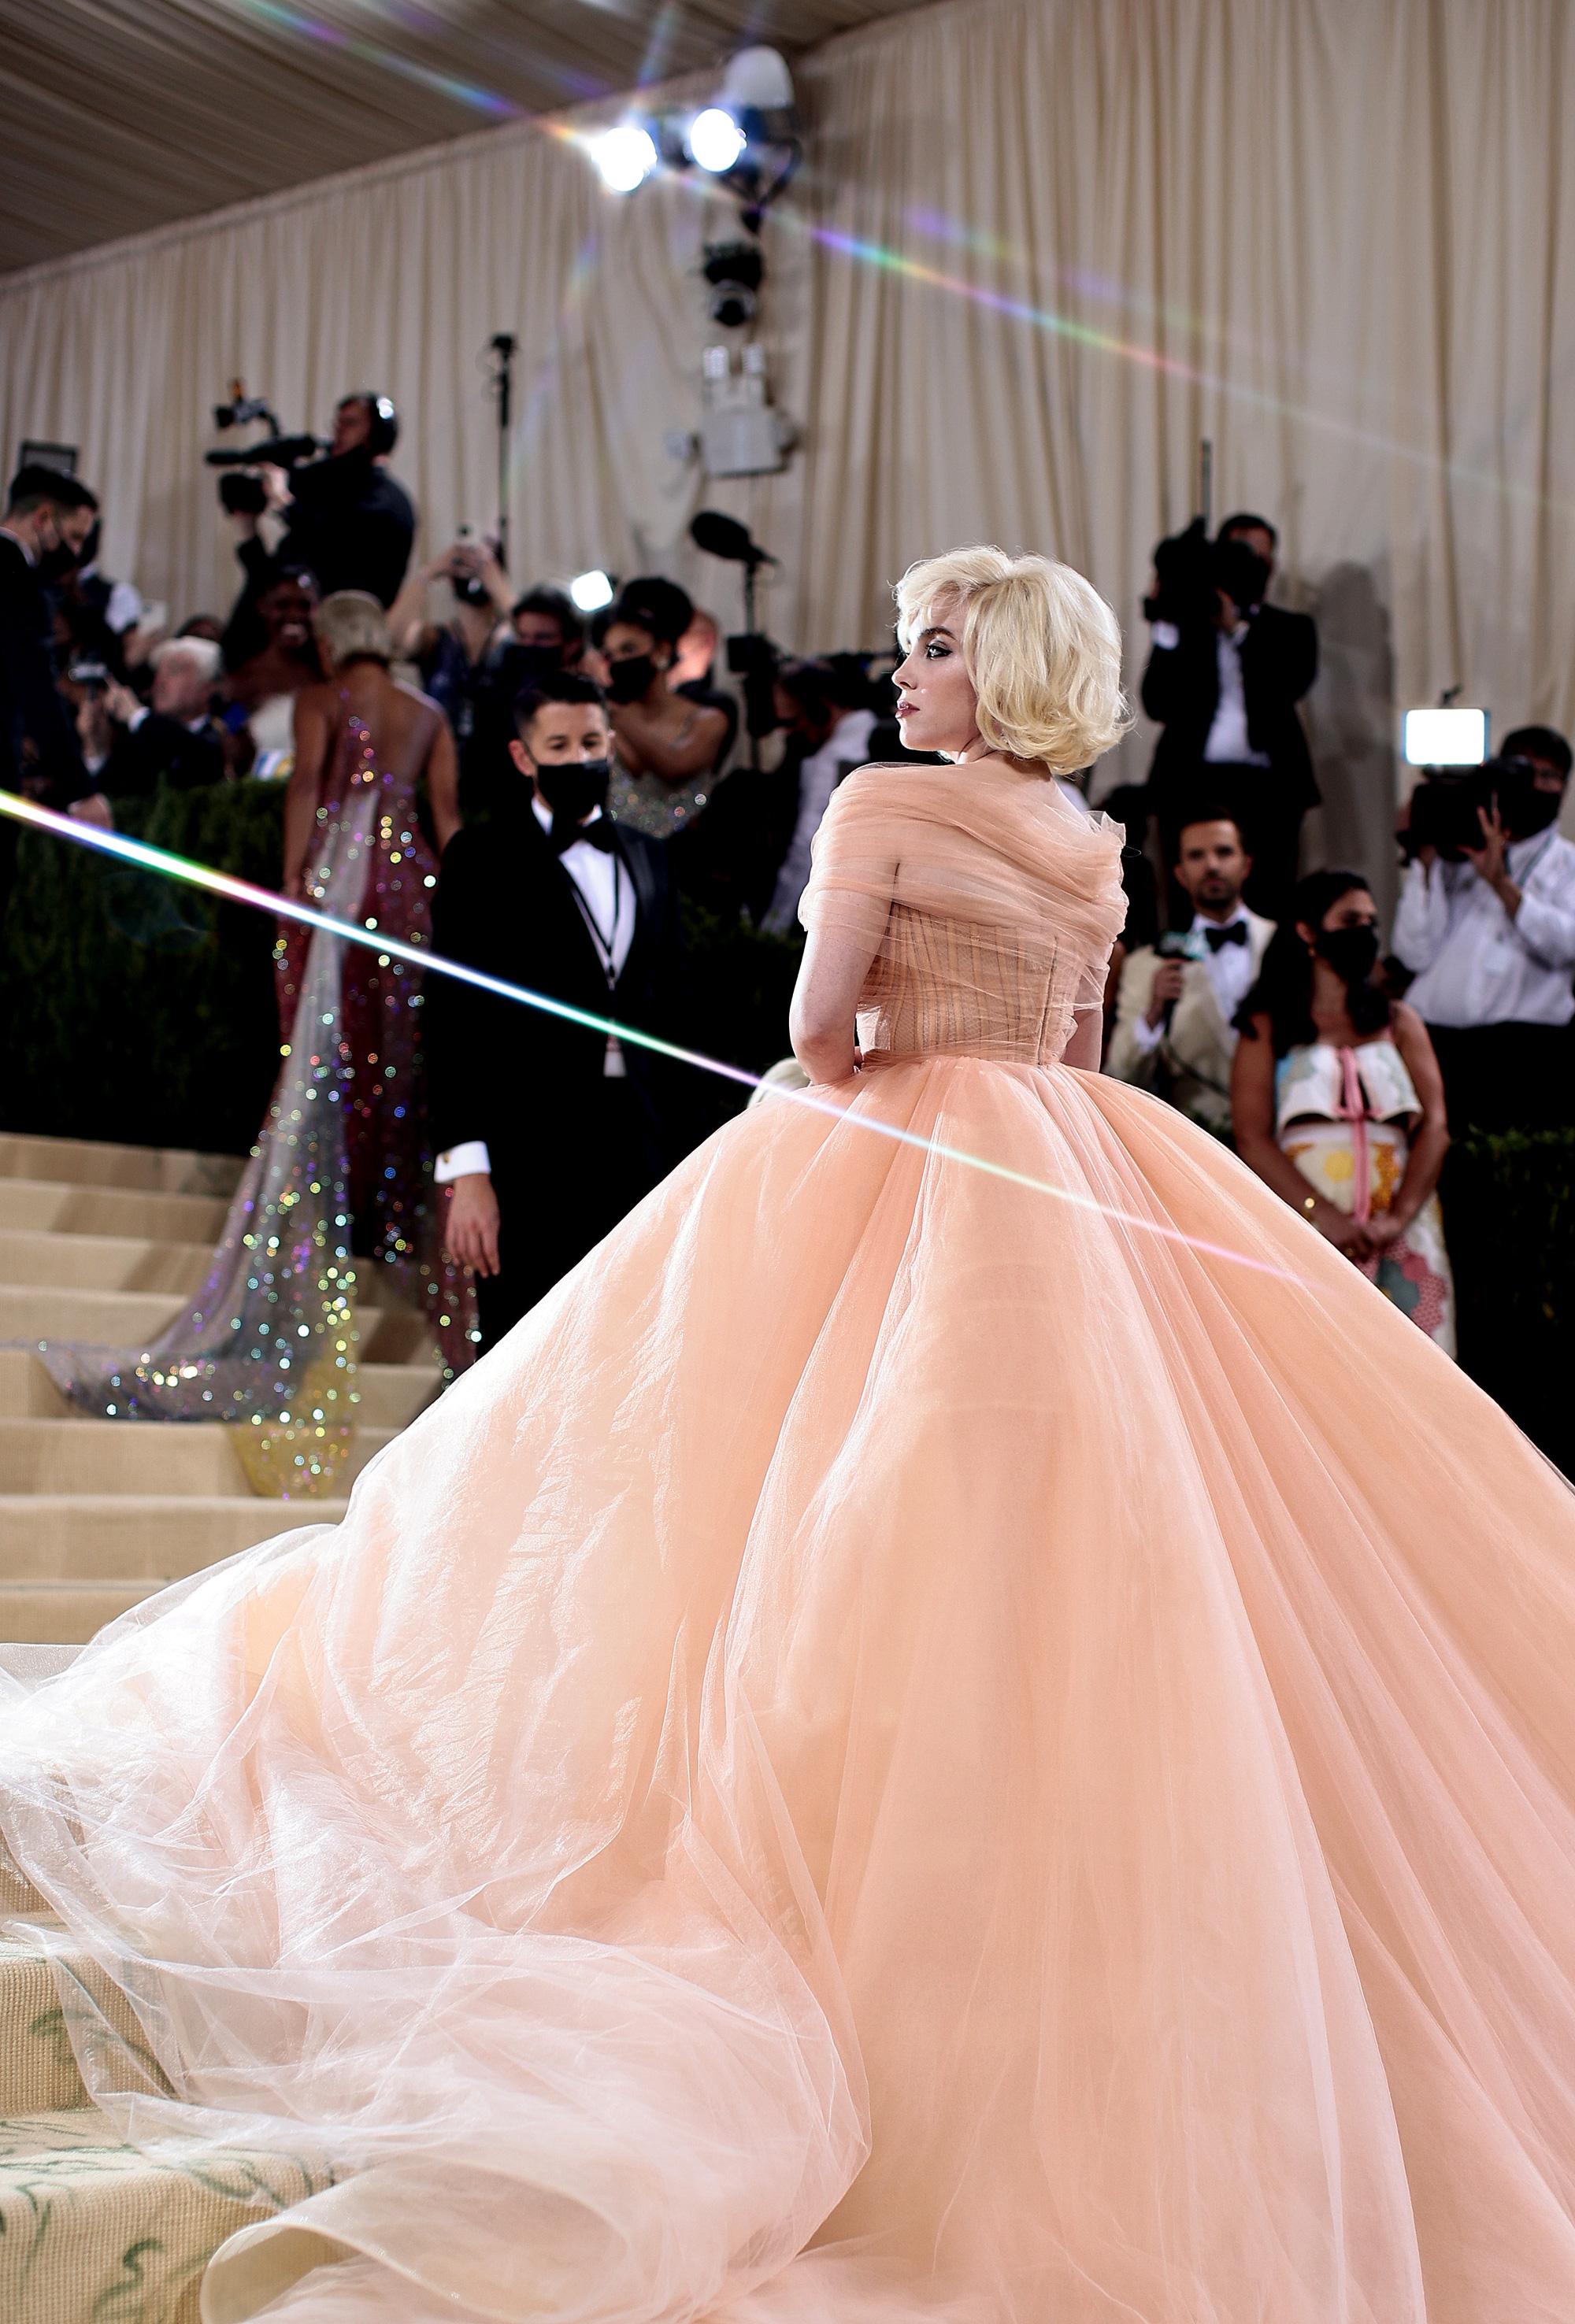 Billie Eilish gây sốt với màn lột xác ở tiệc hậu Met Gala: Váy đỏ rực tôn vòng 1 chực trào, mất máu hơn vì chi tiết ở đùi - Ảnh 10.